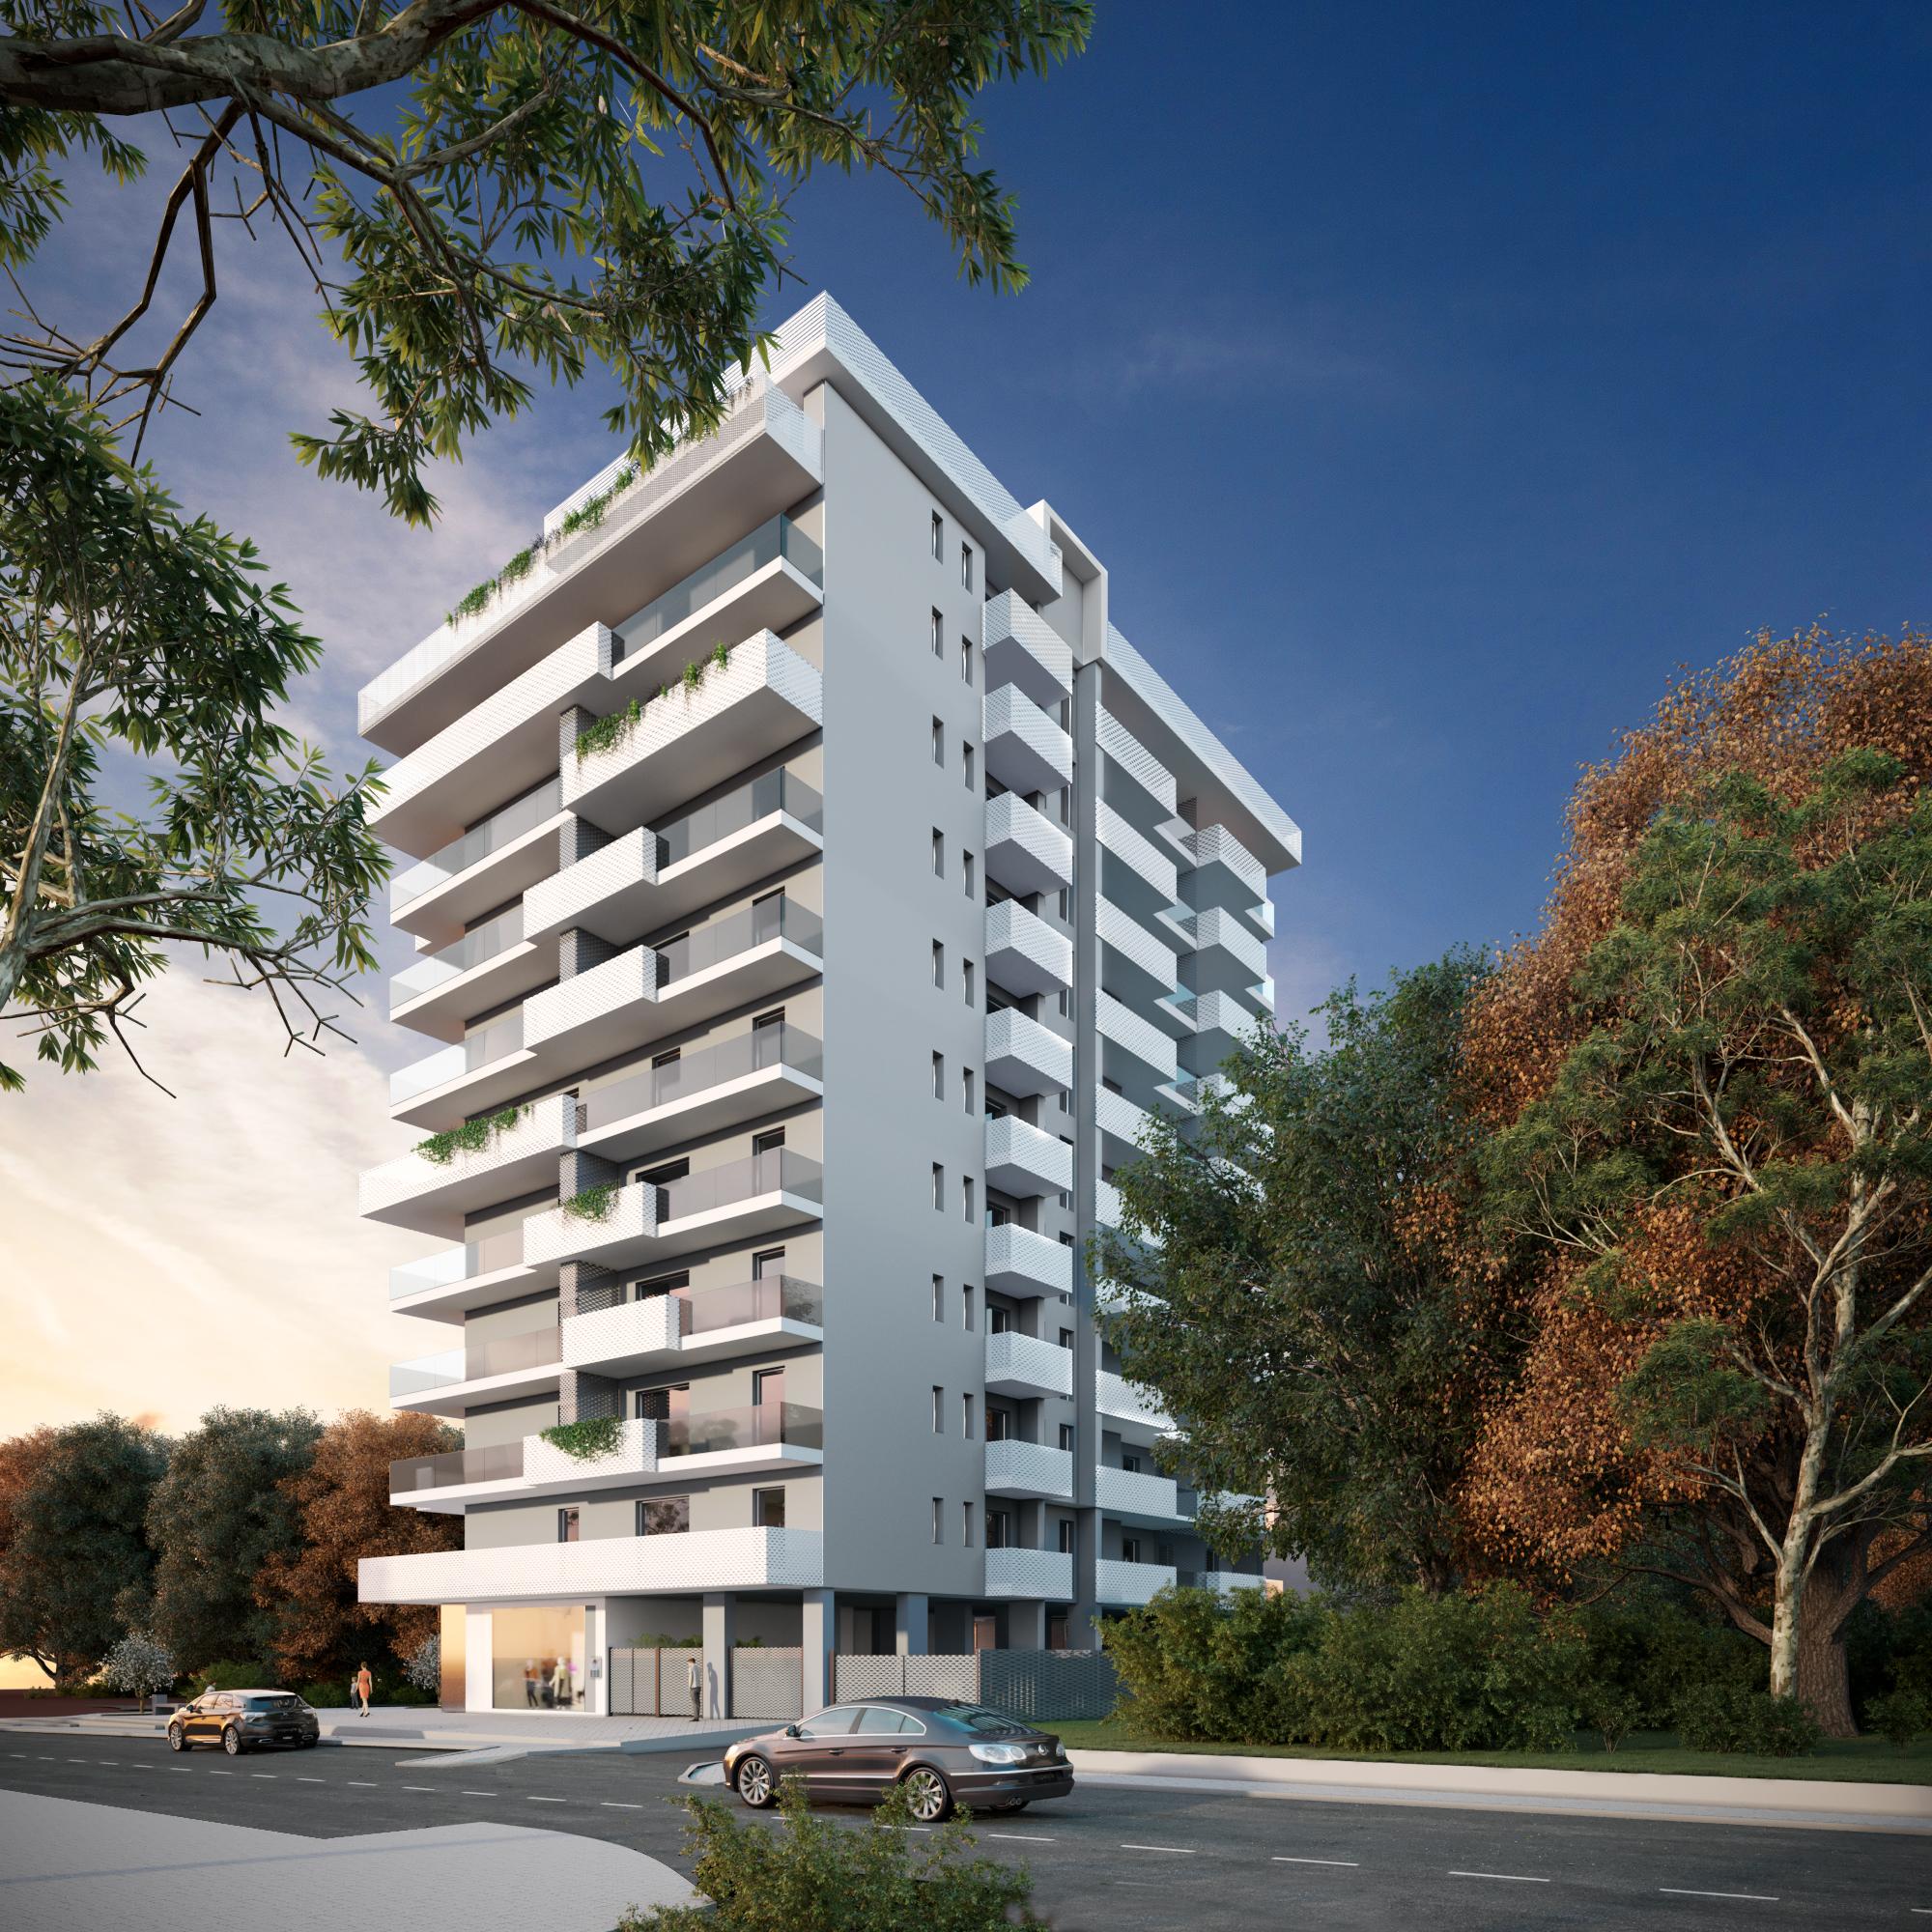 milara-srl-gruppo-postiglione-societa-di-costruzioni-e-vendita-appartamenti-immobili-residenziali-commerciali-cr53-f4-torre-nuova-torrione-vista-03-d